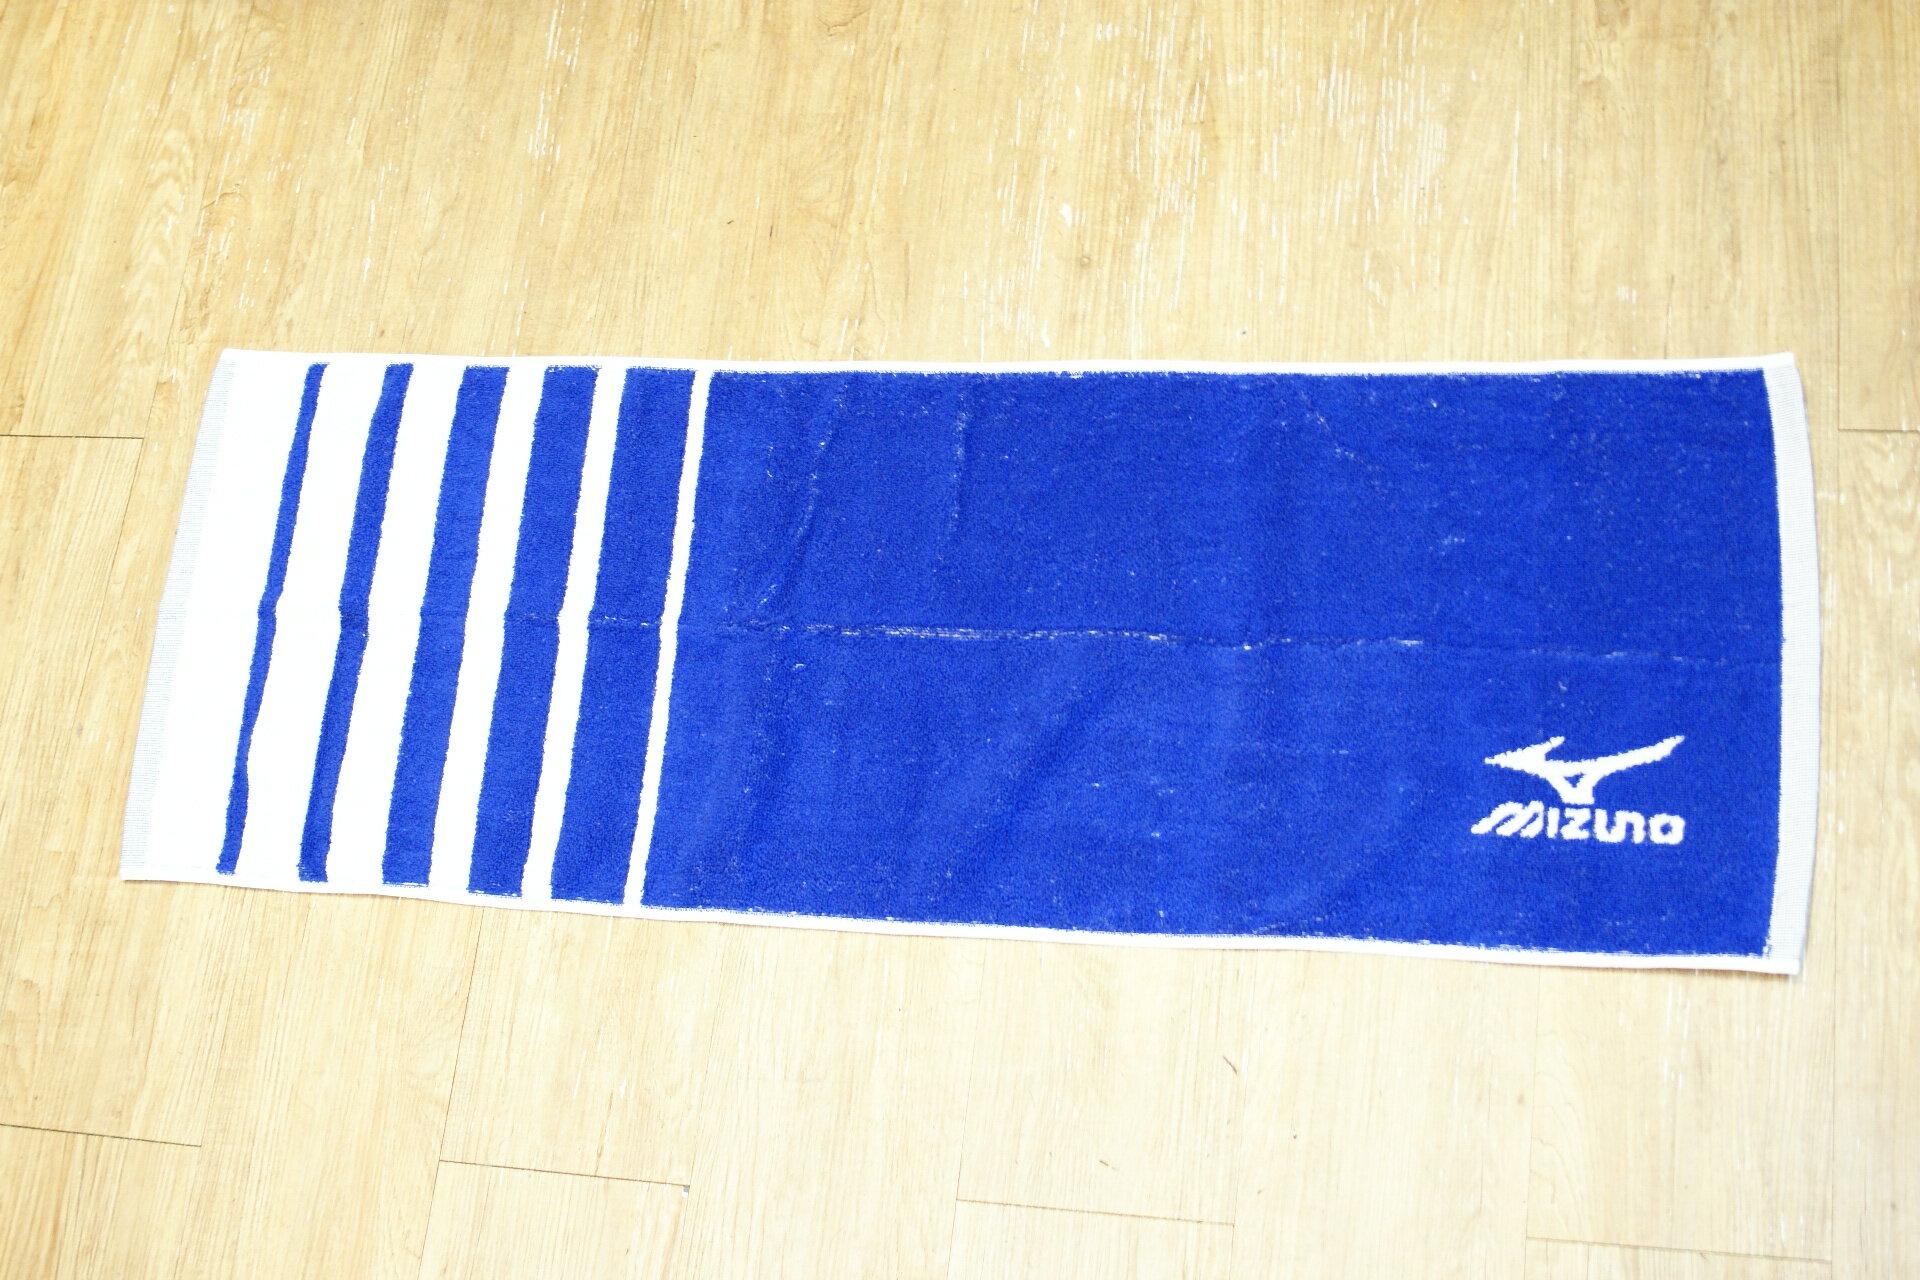 棒球世界 2015年下半季 Mizuno美津濃 運動毛巾 32TY560214 特價 白藍配色款